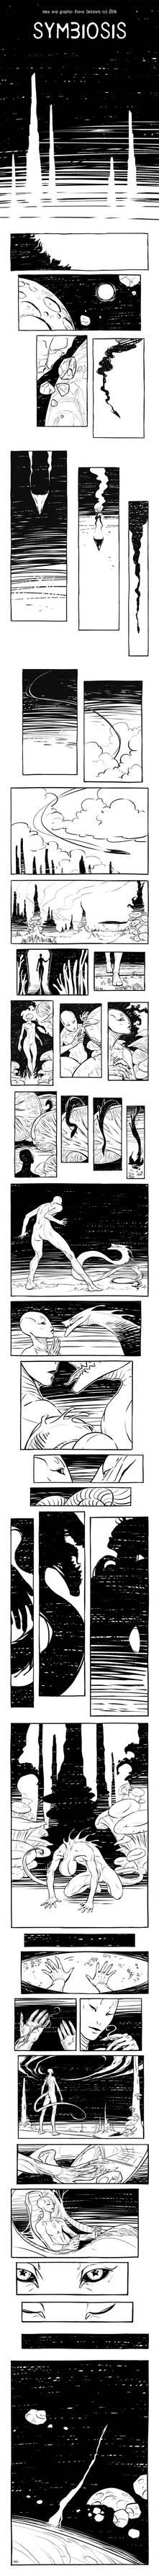 Symbiosis comix